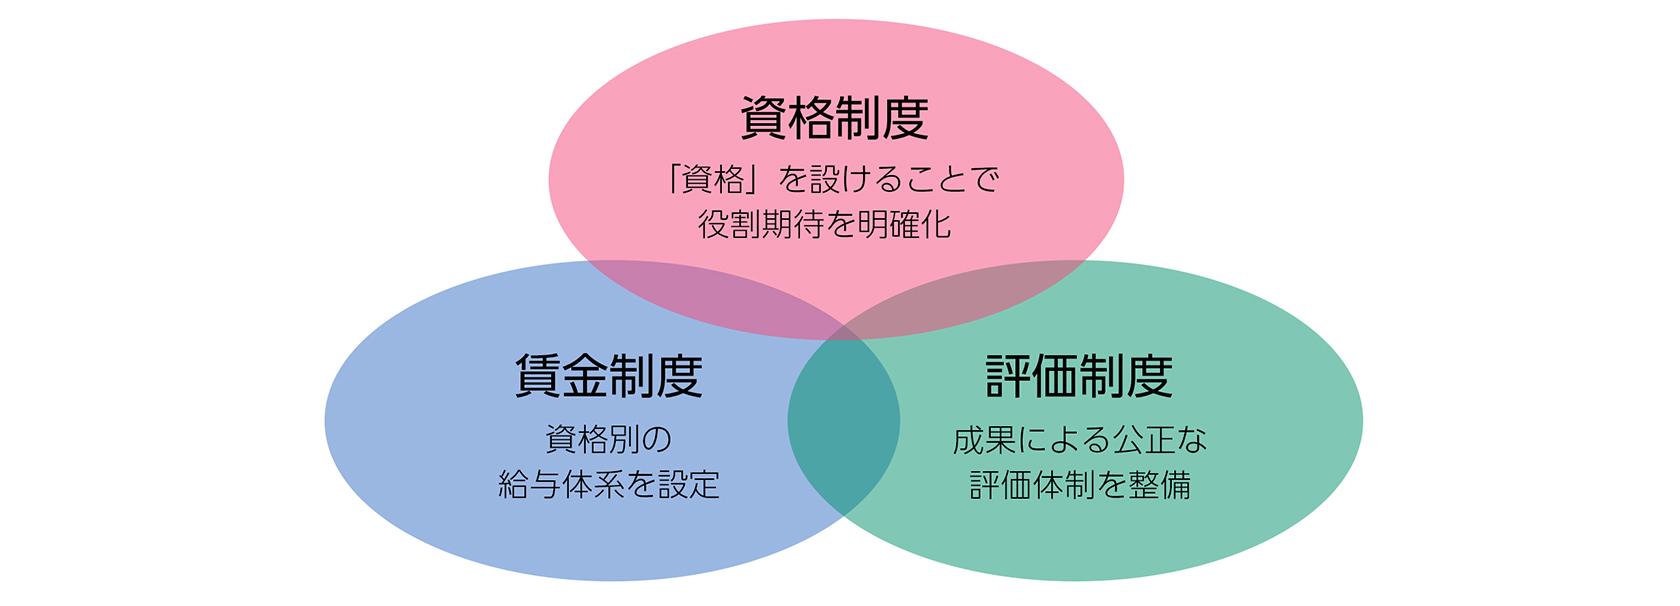 [図]人事制度の主な構成と特徴